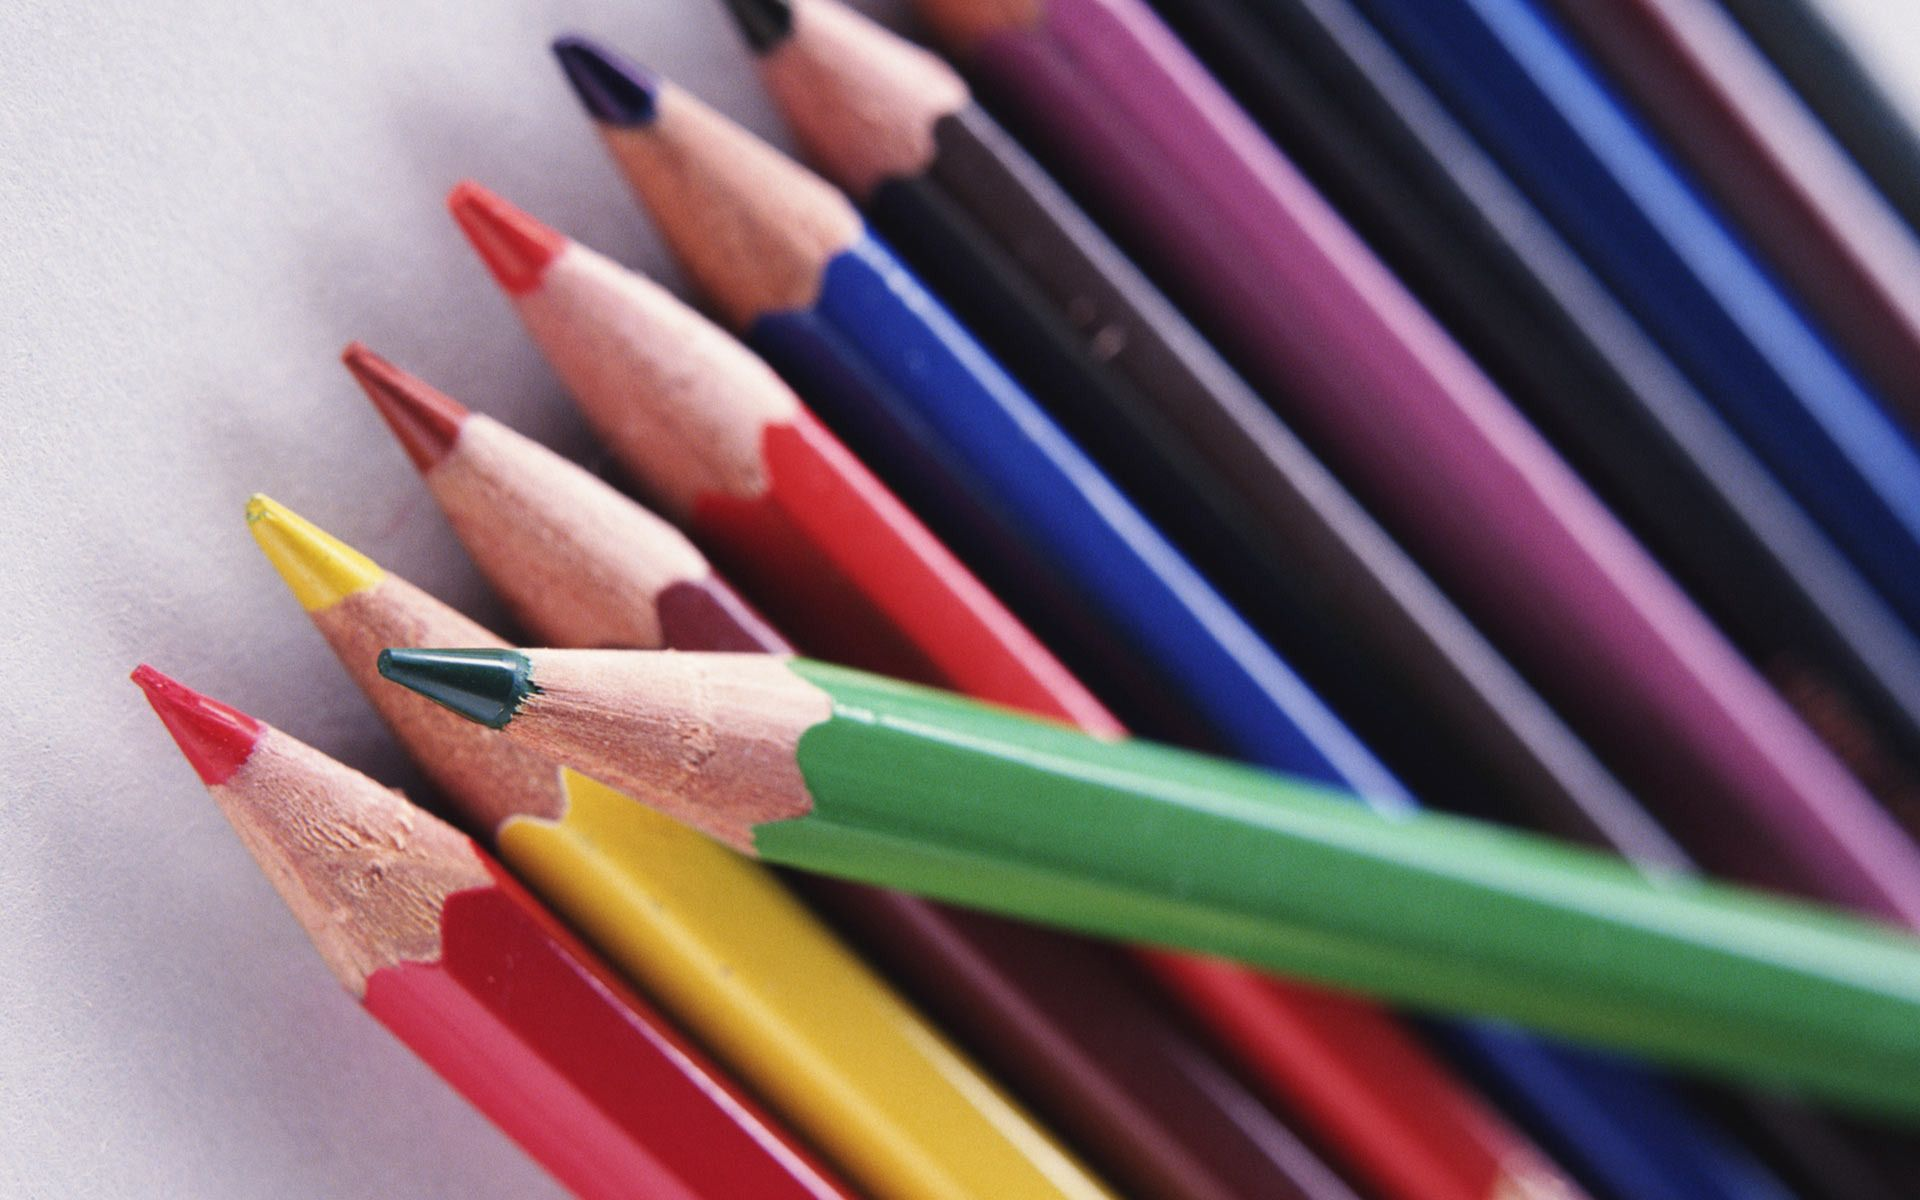 pencil no background